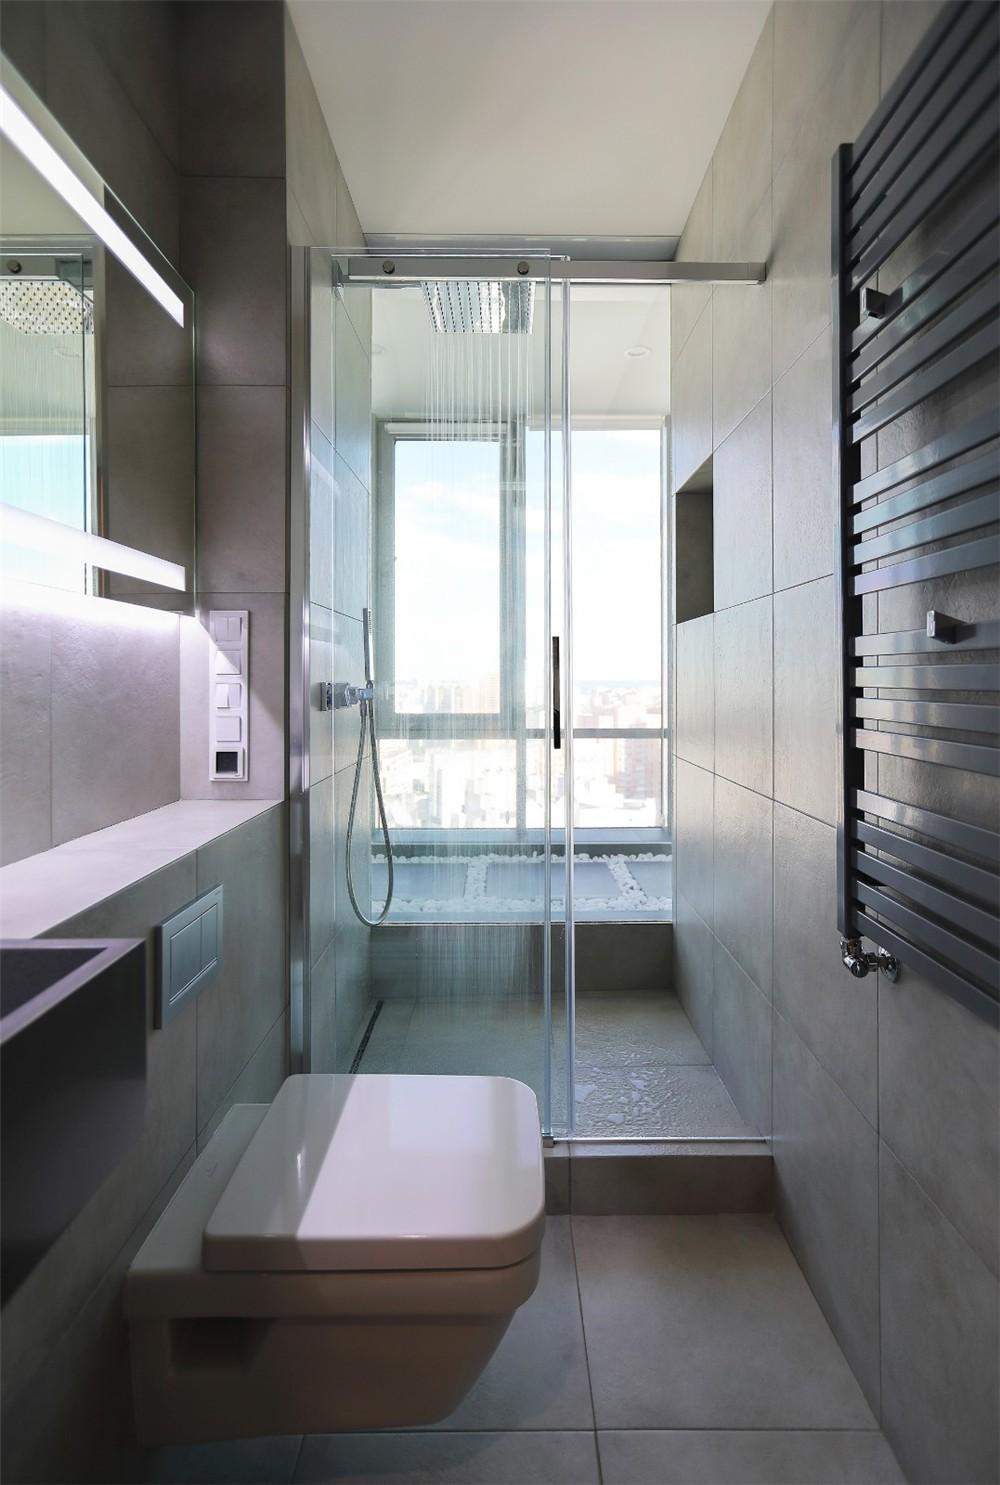 2021现代简约浴室设计图片 2021现代简约淋浴房装修设计图片